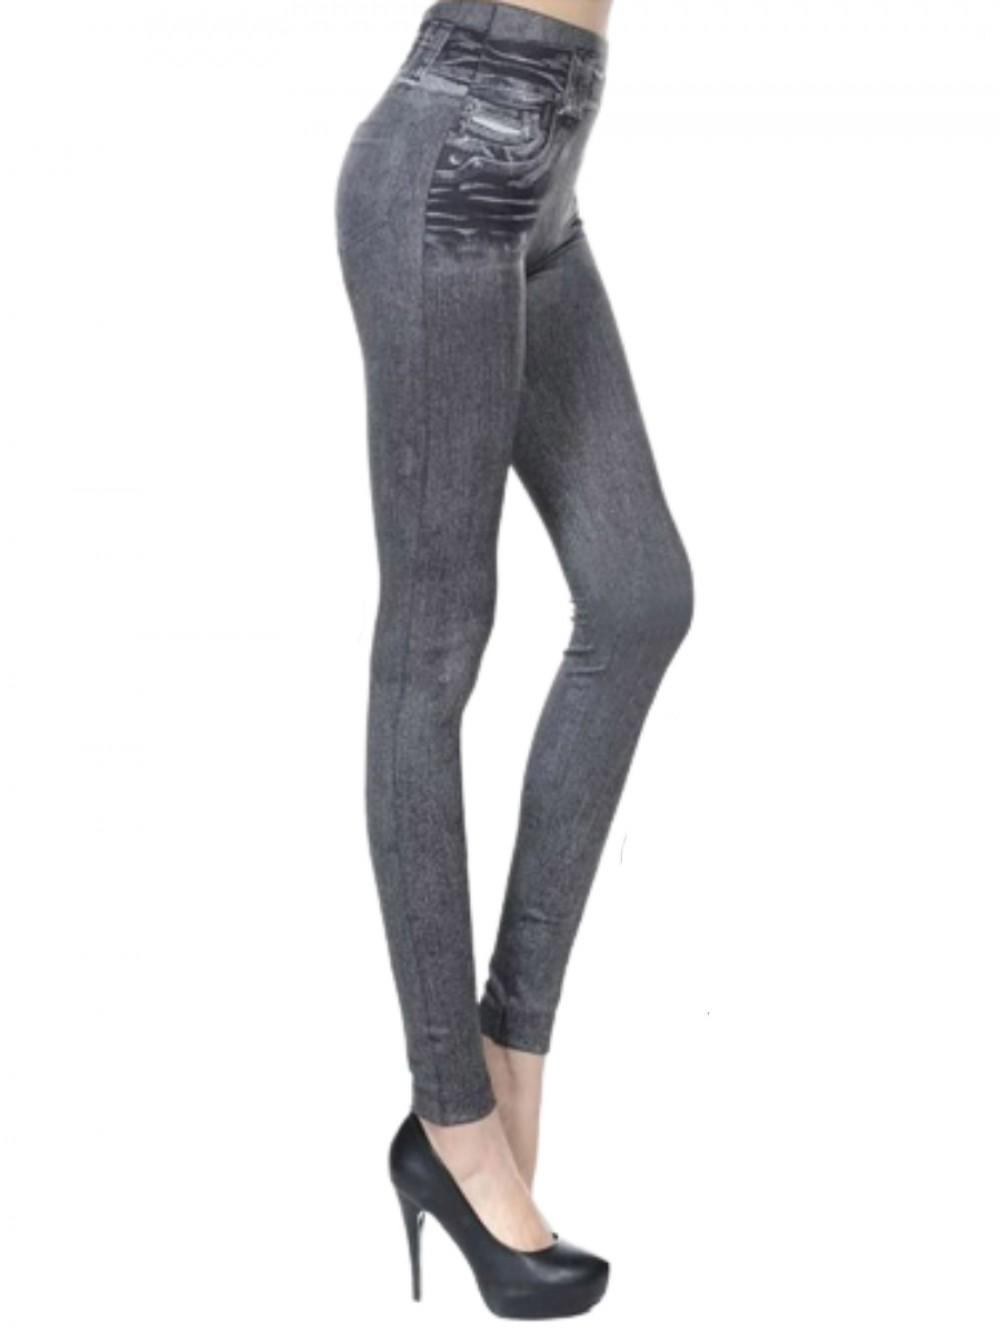 Gray Yoga Pants Button Design Big Size Women's Fashion